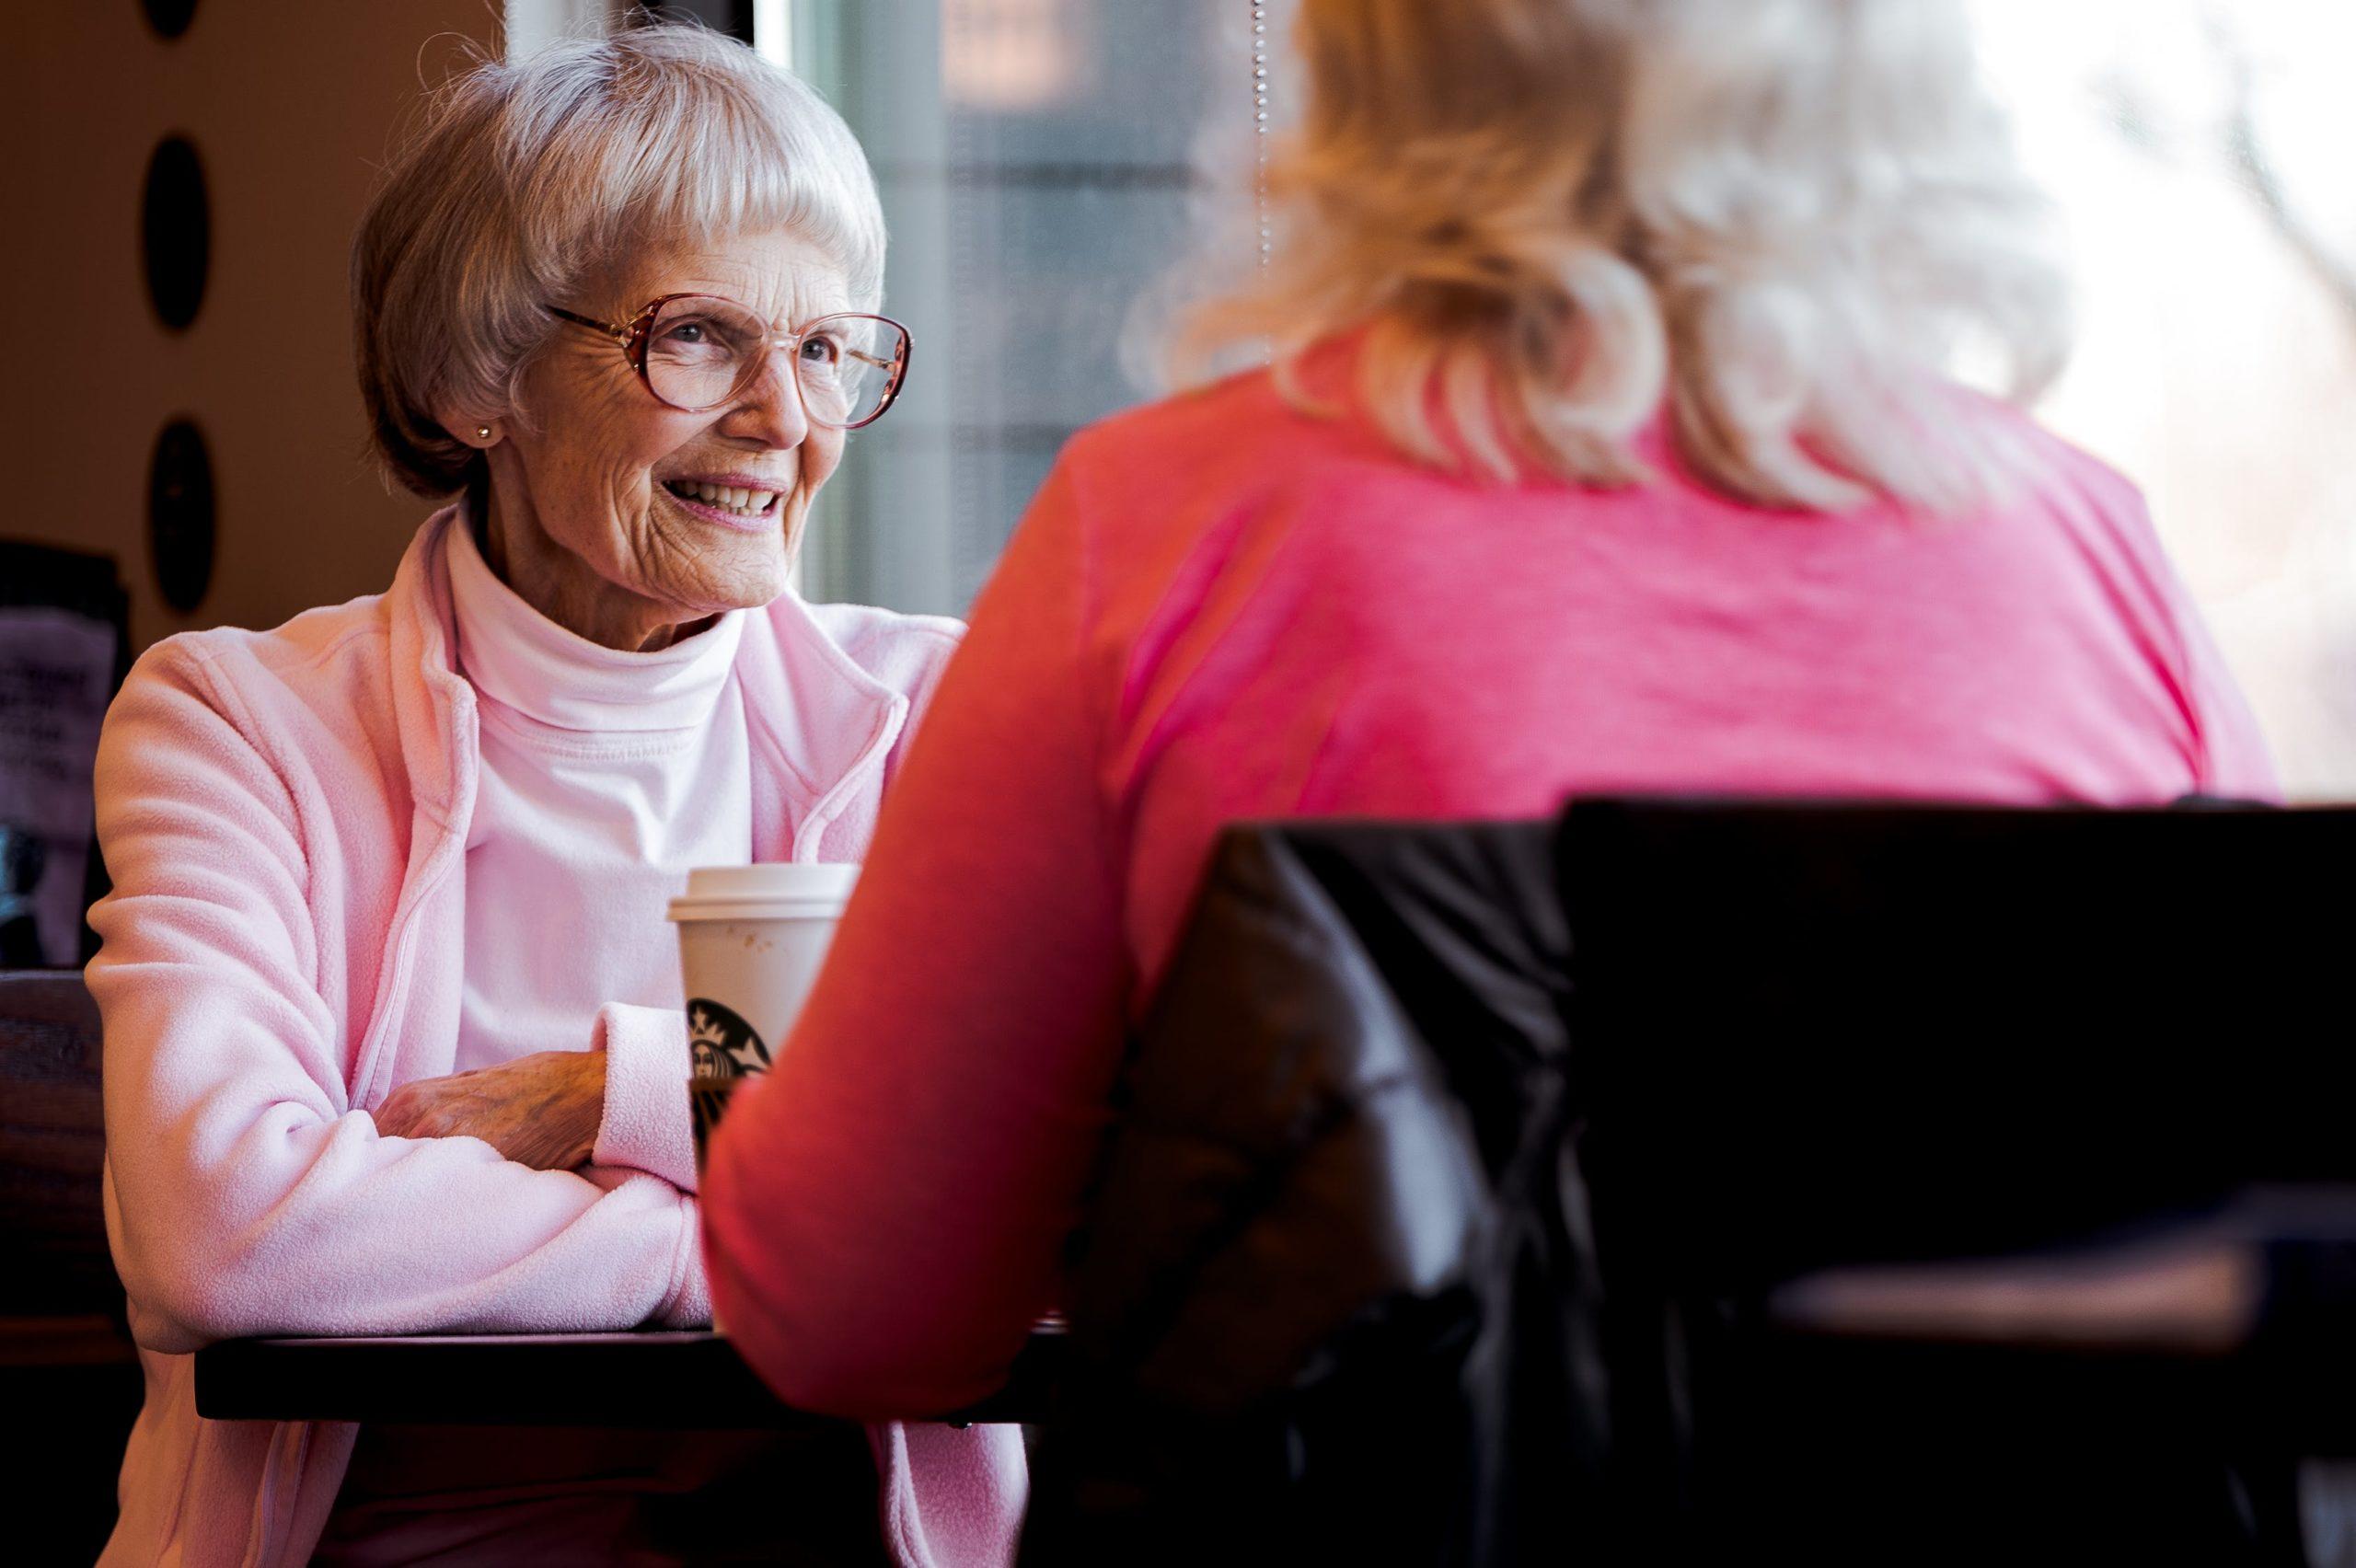 Garder la forme - Les attitudes à adopter pour préparer la vieillesse